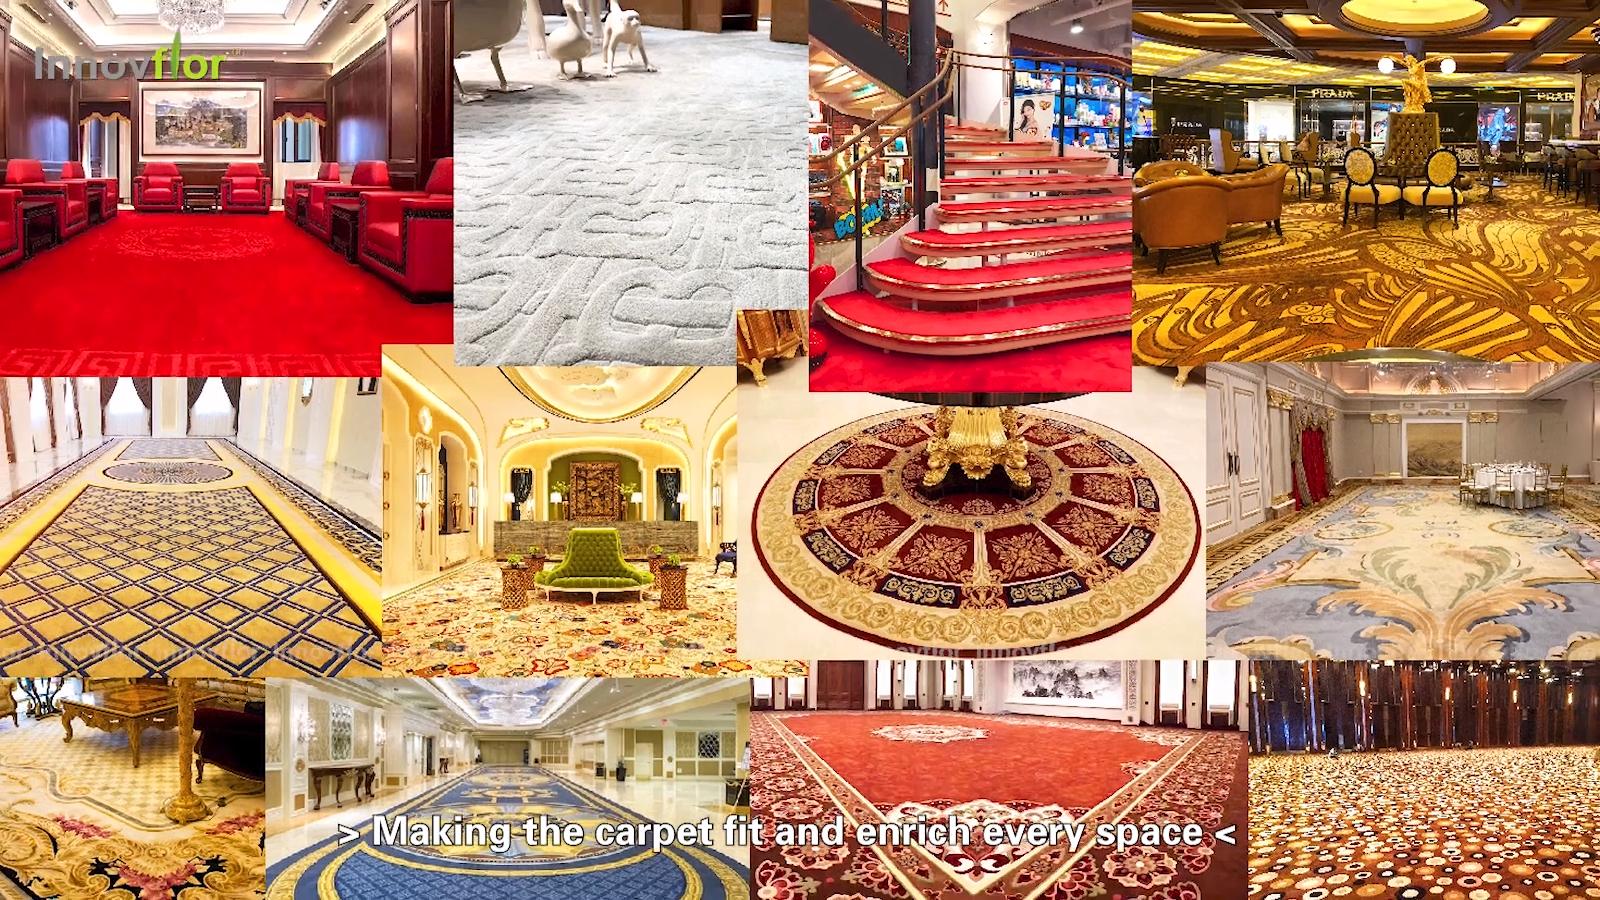 Karpet Anyaman Tangan Diikat Tangan Bentuk Berbeda Wol Mewah Selandia Baru Ruang Keluarga Di Bawah Sofa Meja Kopi Karpet Berumbai Tangan